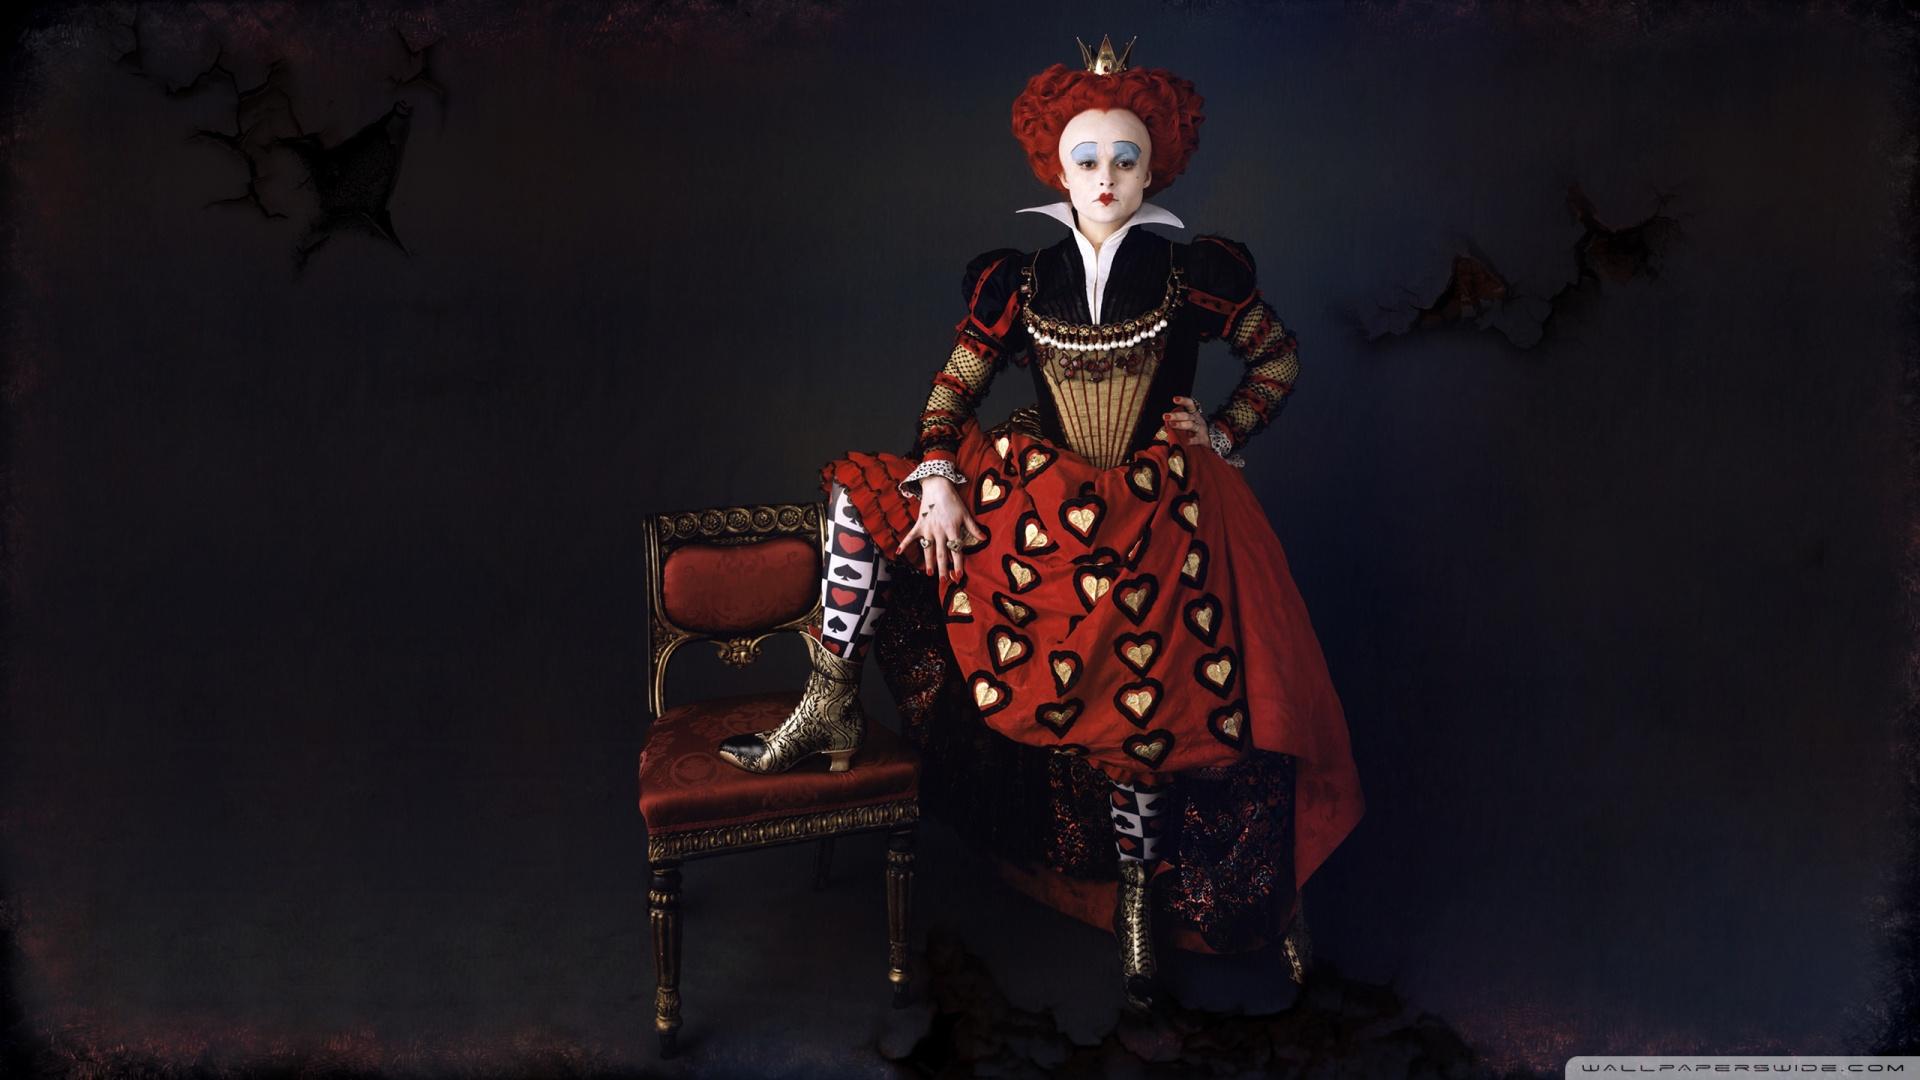 Queen Of Hearts Wallpaper 1920x1080 Queen Of Hearts 1920x1080